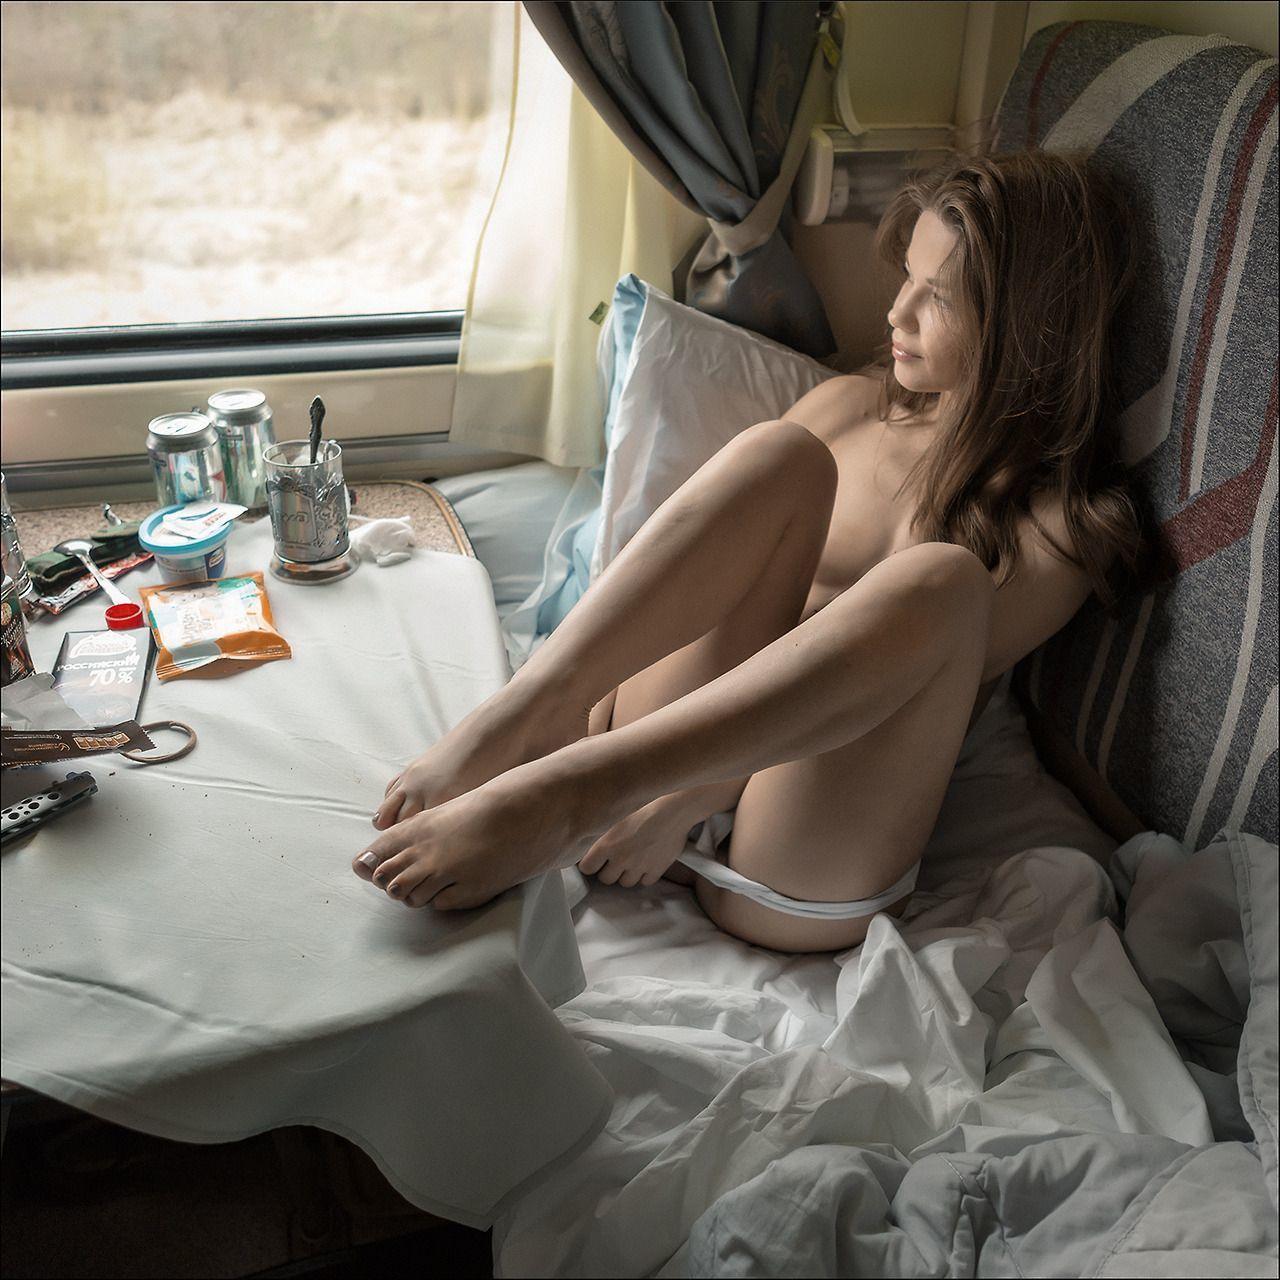 этом голая девушка домашние фотки правда было? Это